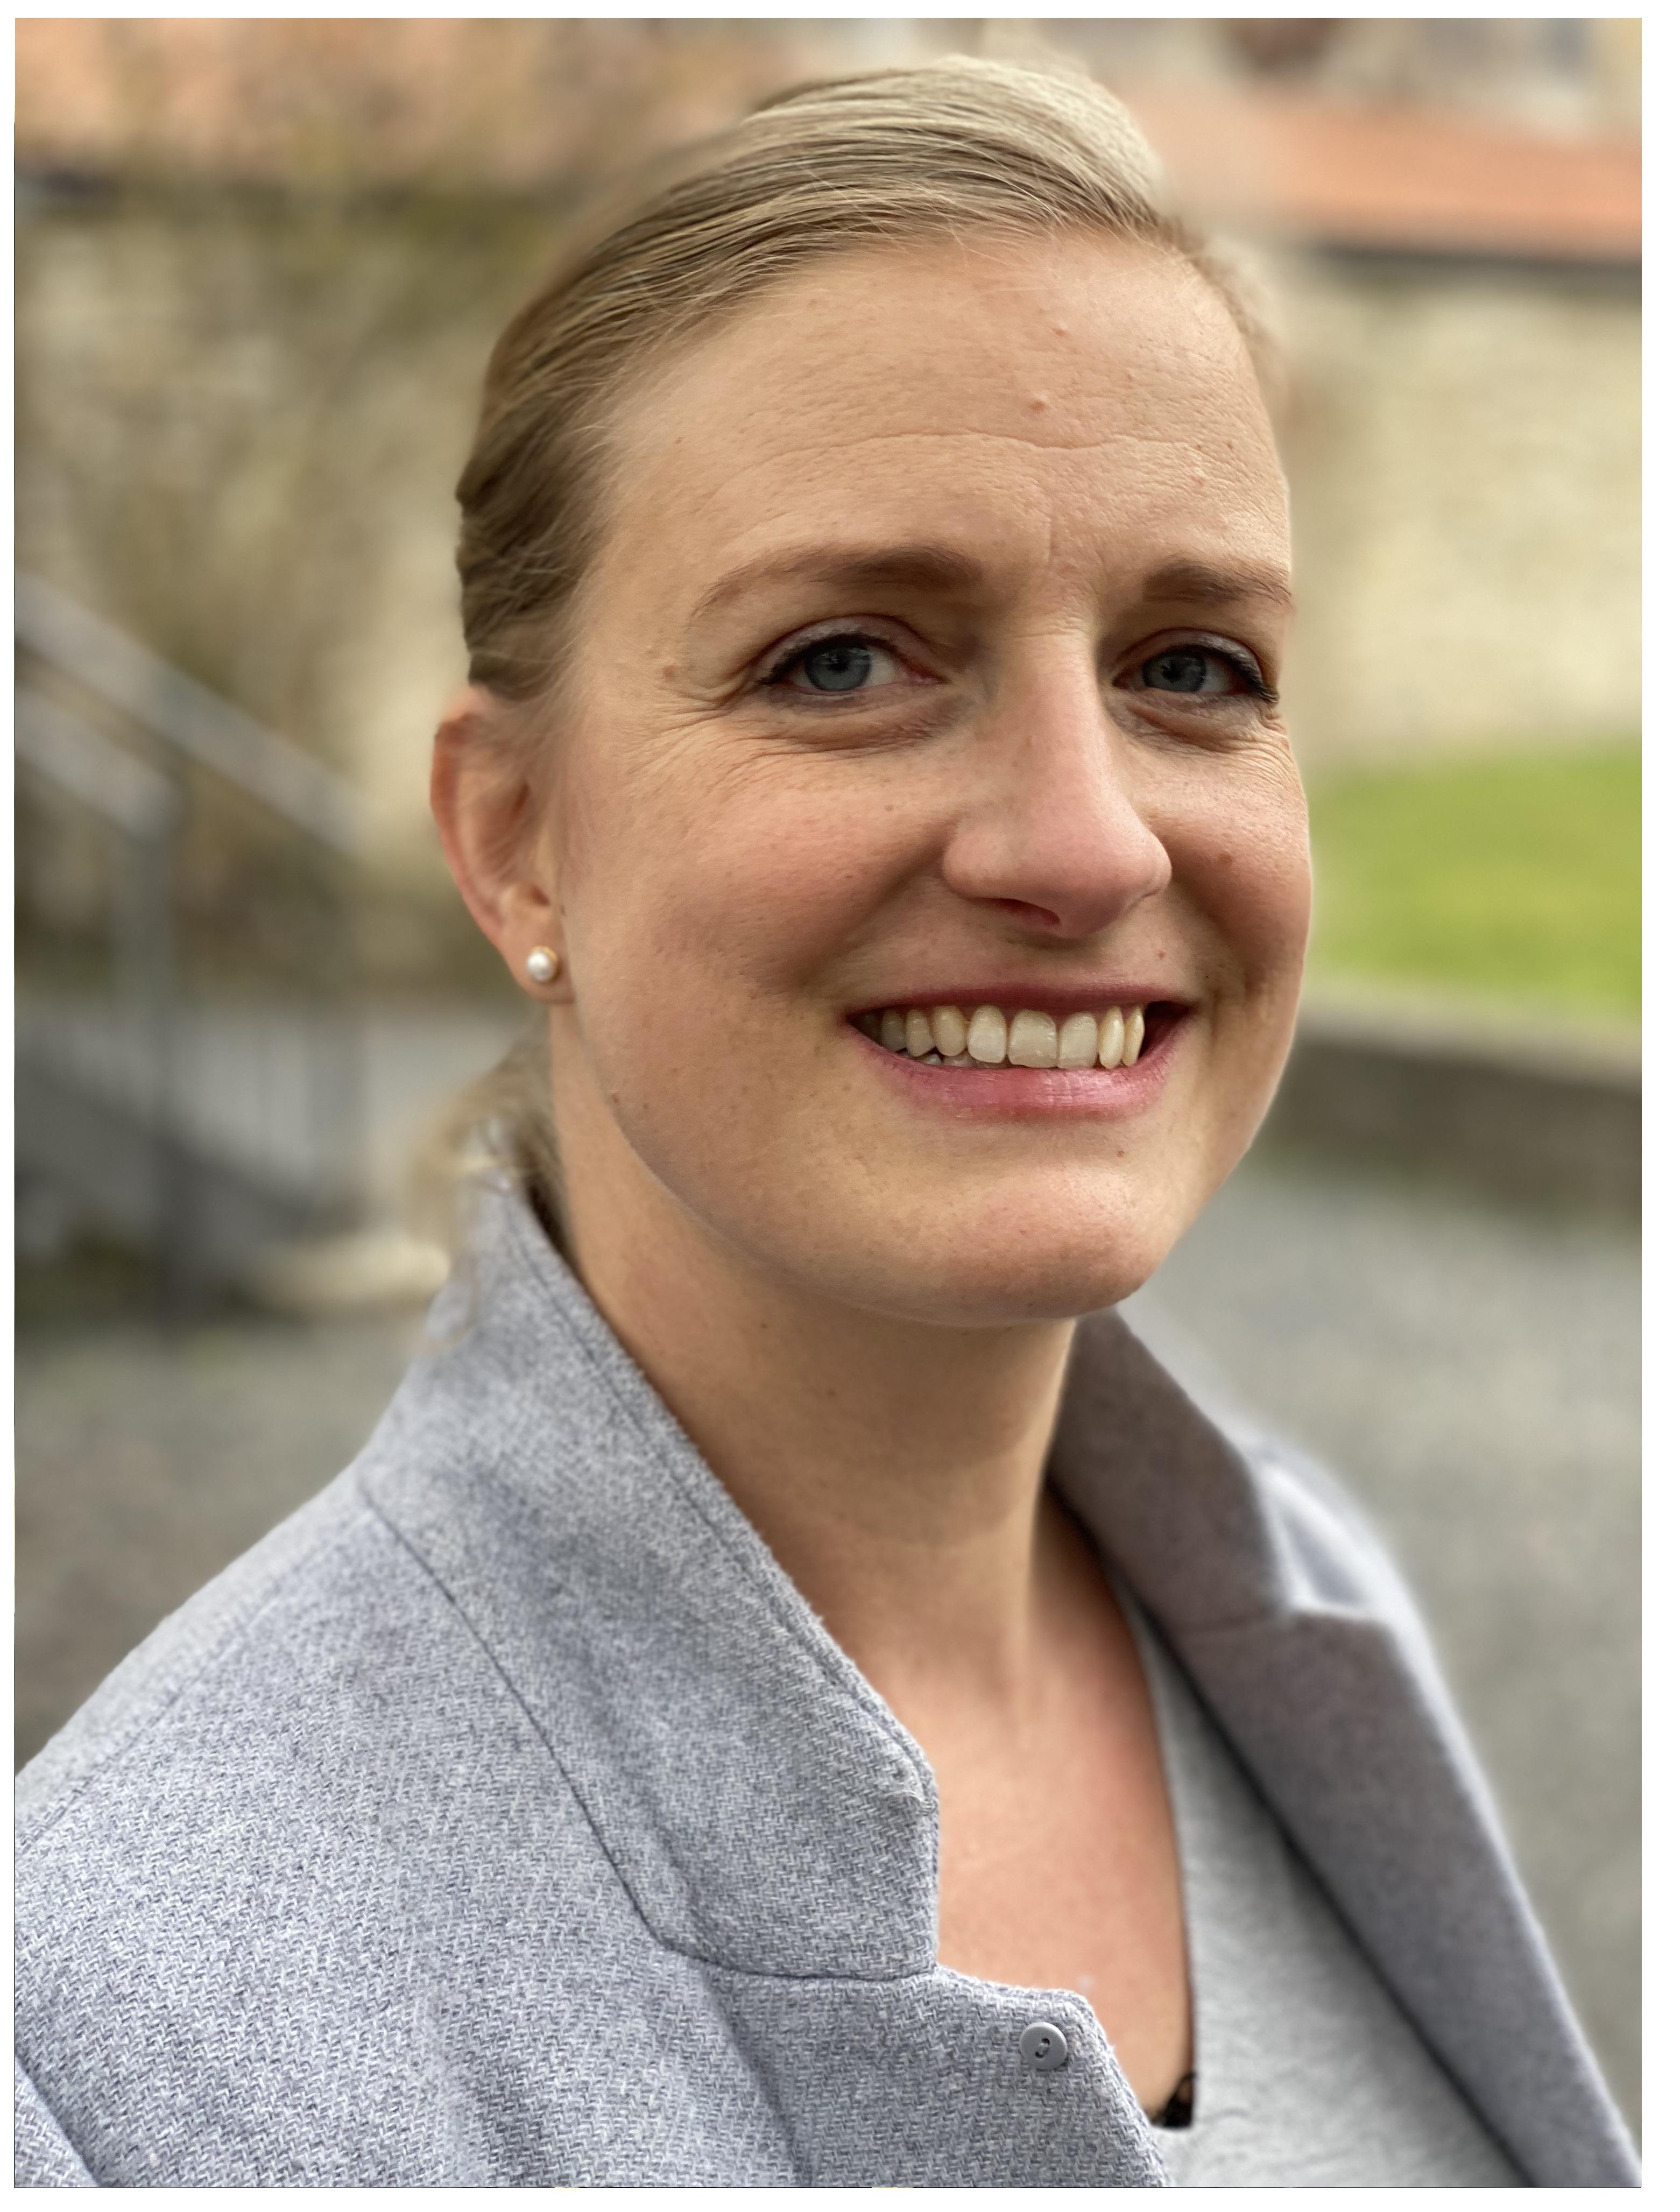 Stefanie Wierlemann - Unsere Betriebswirtin und Familienfrau auf Platz 4